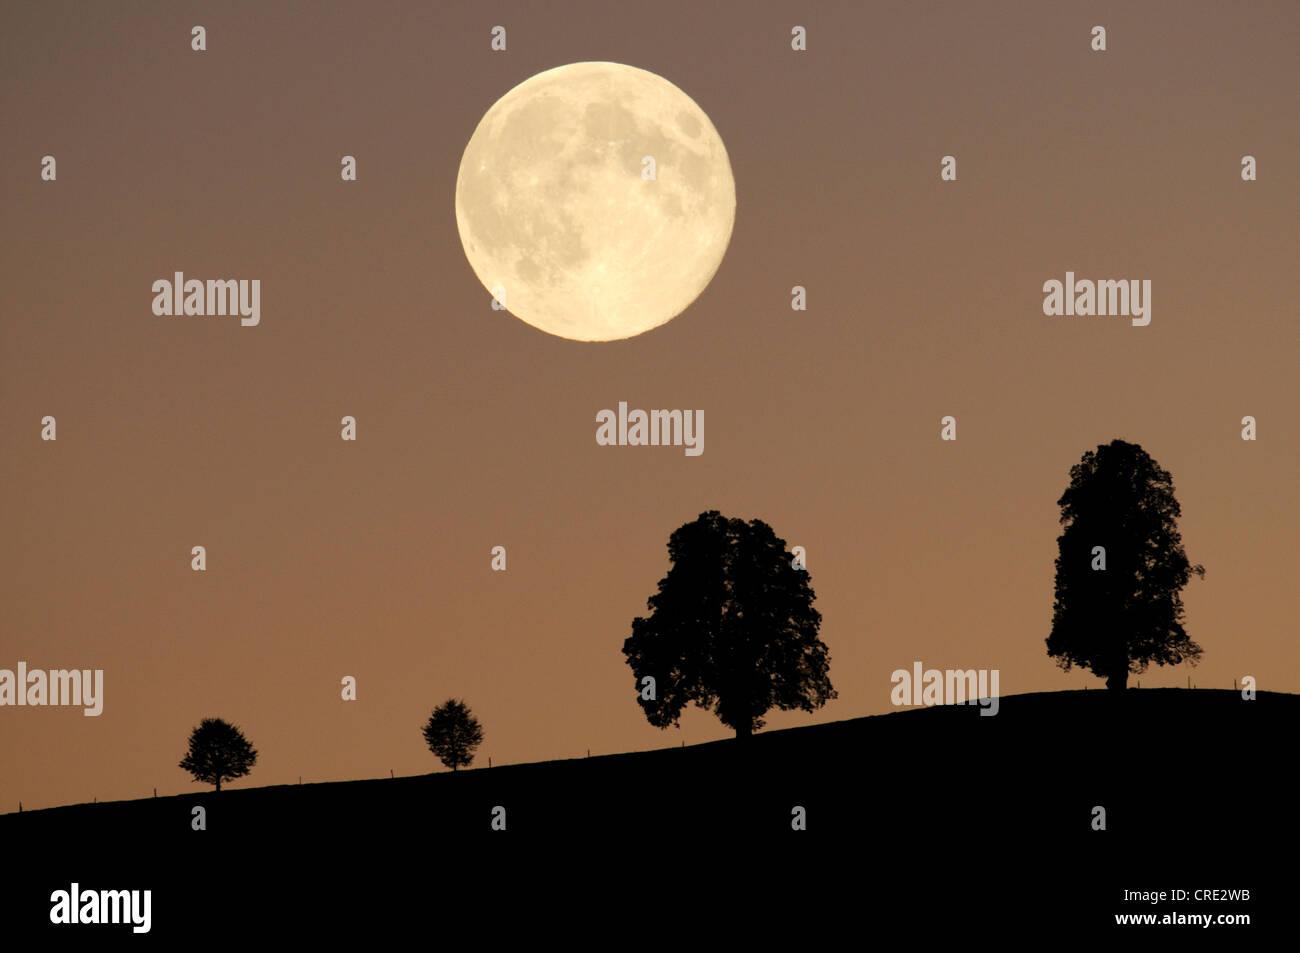 Silhouetten der Bäume vor dem Hintergrund der Vollmond, Hirzel, Schweiz, Europa Stockbild